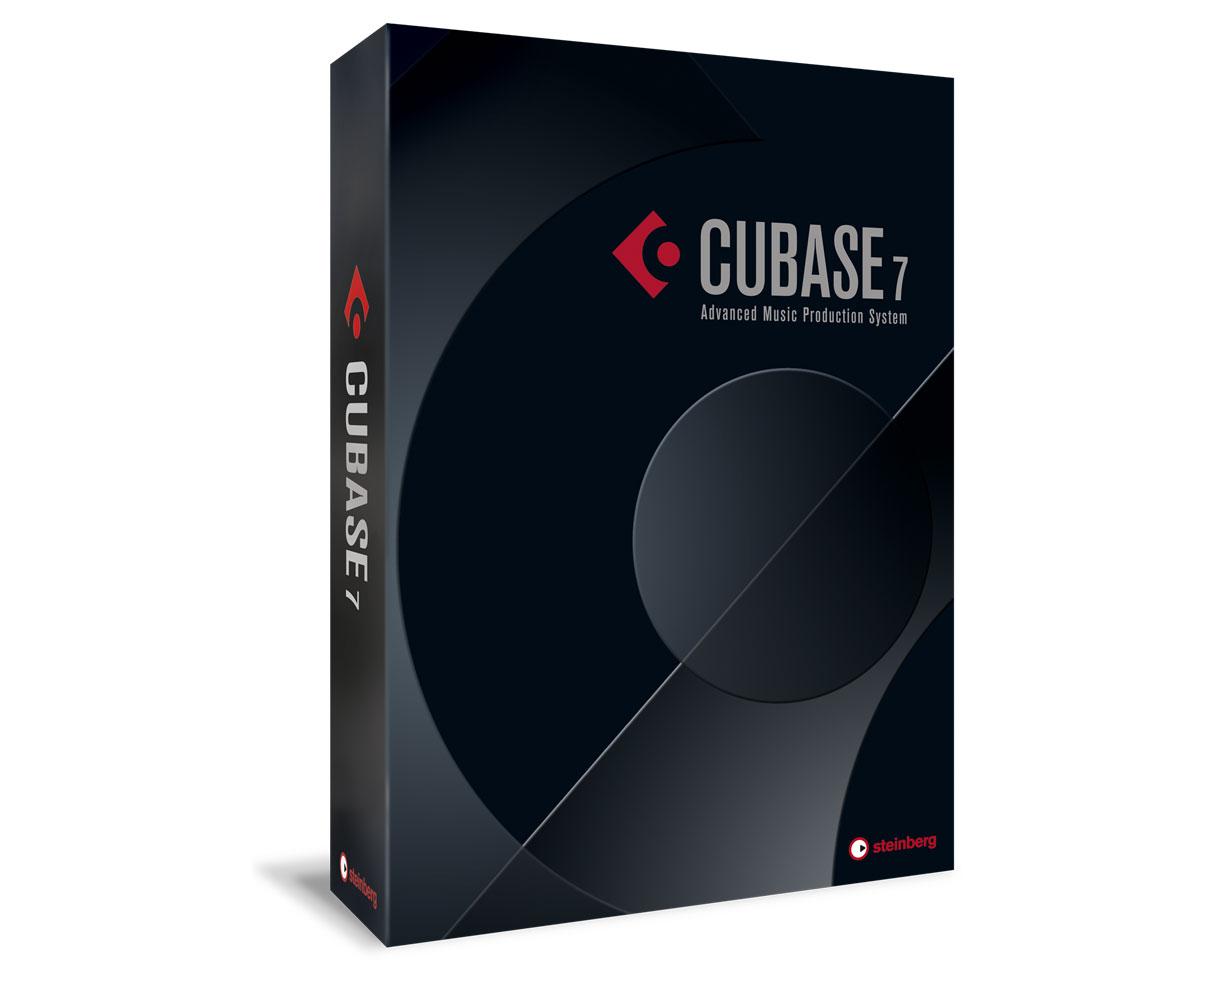 cubase 7 crack keygen